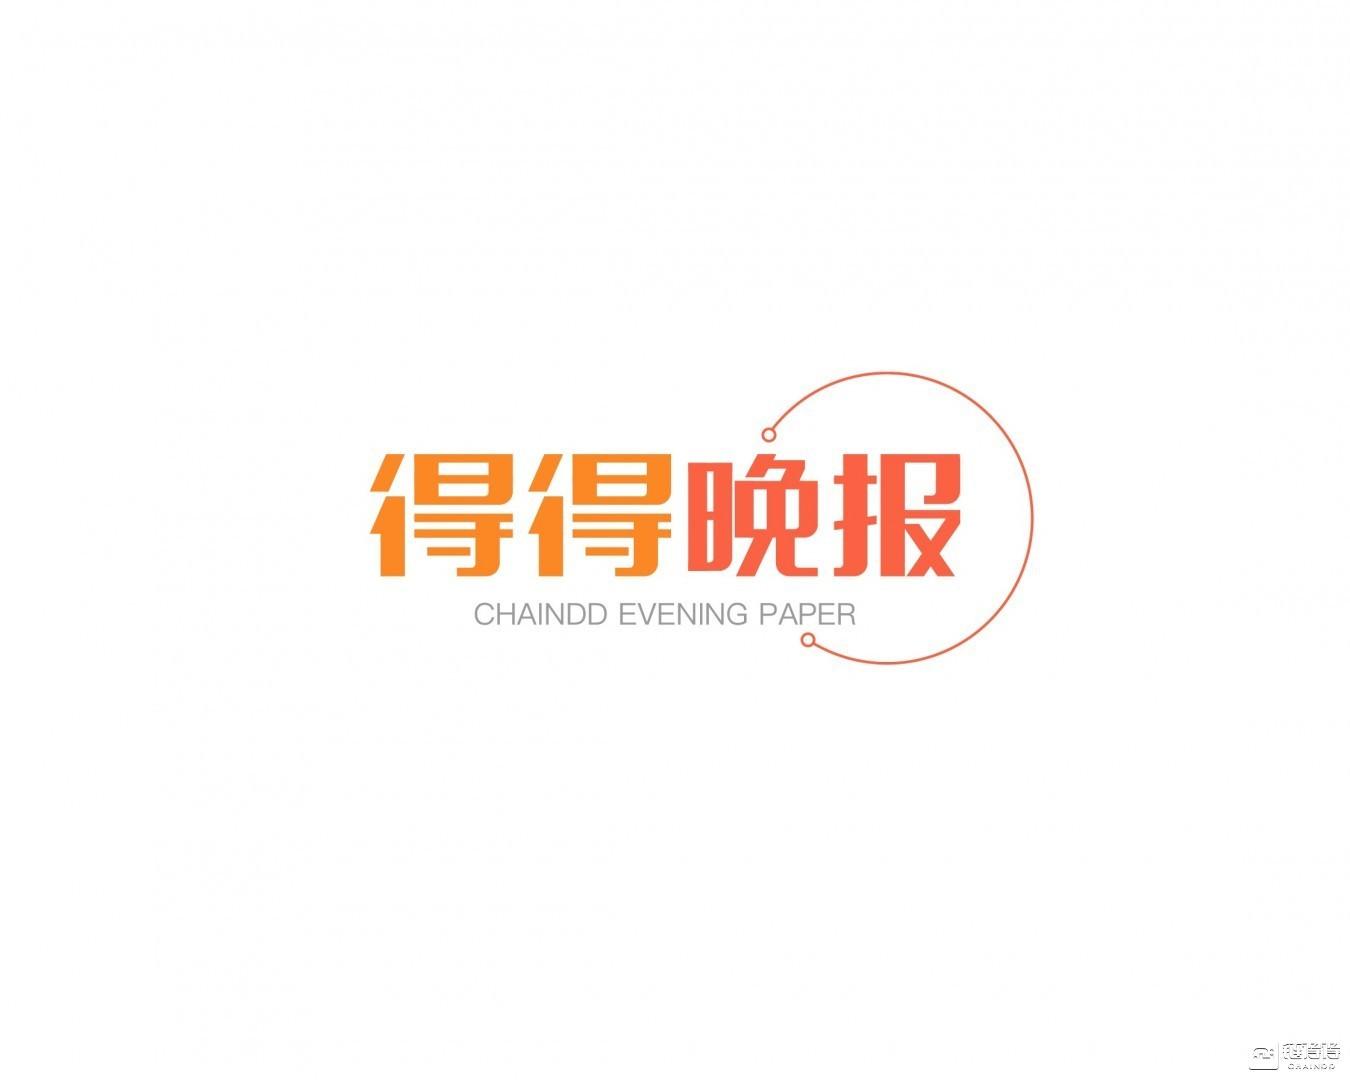 【链得得晚报】河北省工业和信息化厅副厅长:大力支持和加速区块链技术赋能实体经济